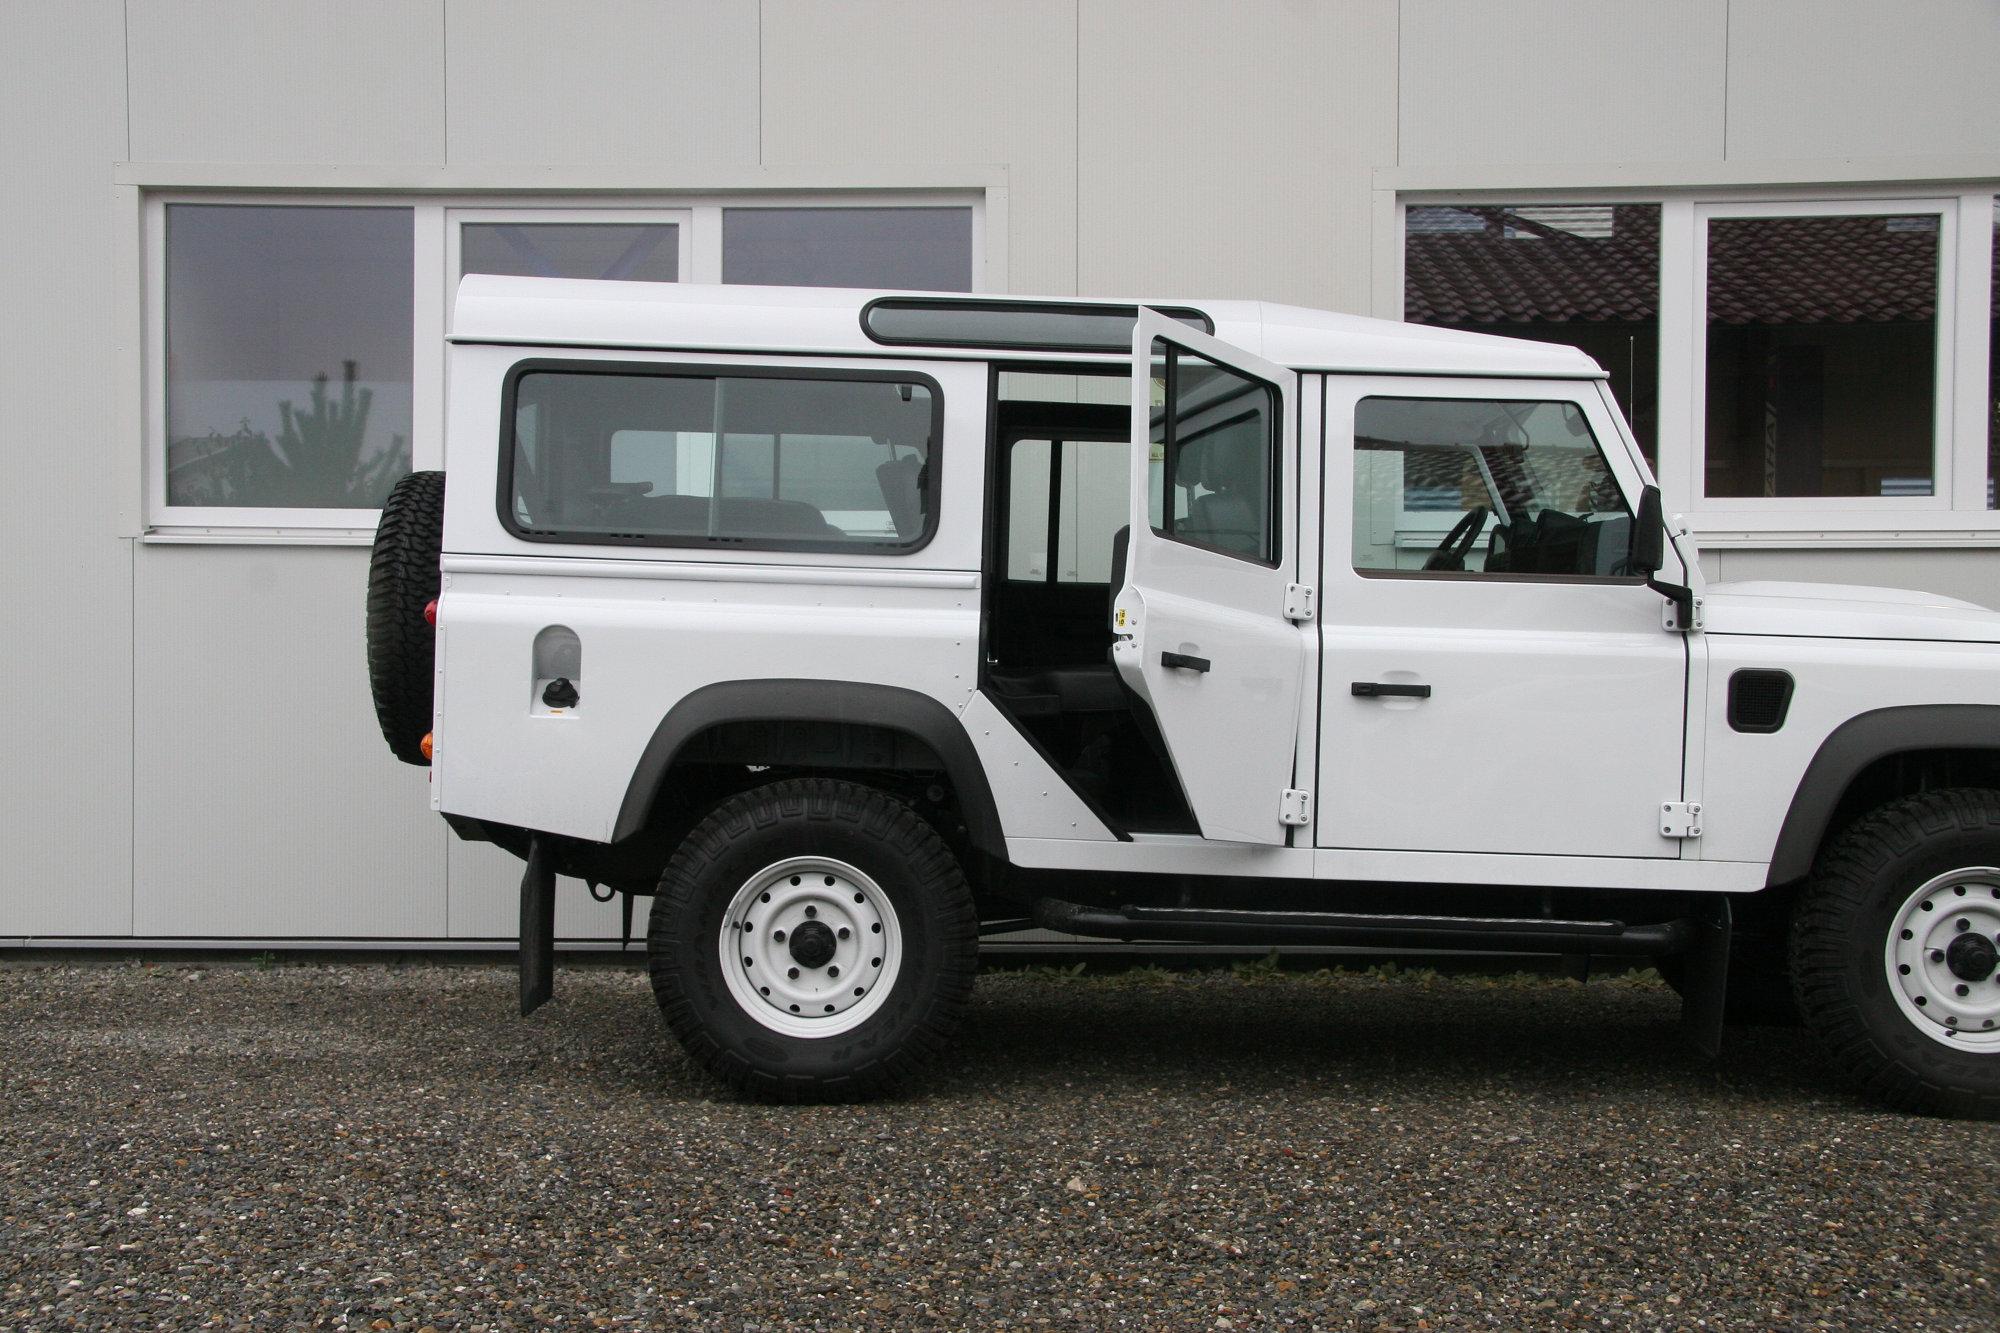 Tueroeffnungsbegrenzer Land Rover Defender.000